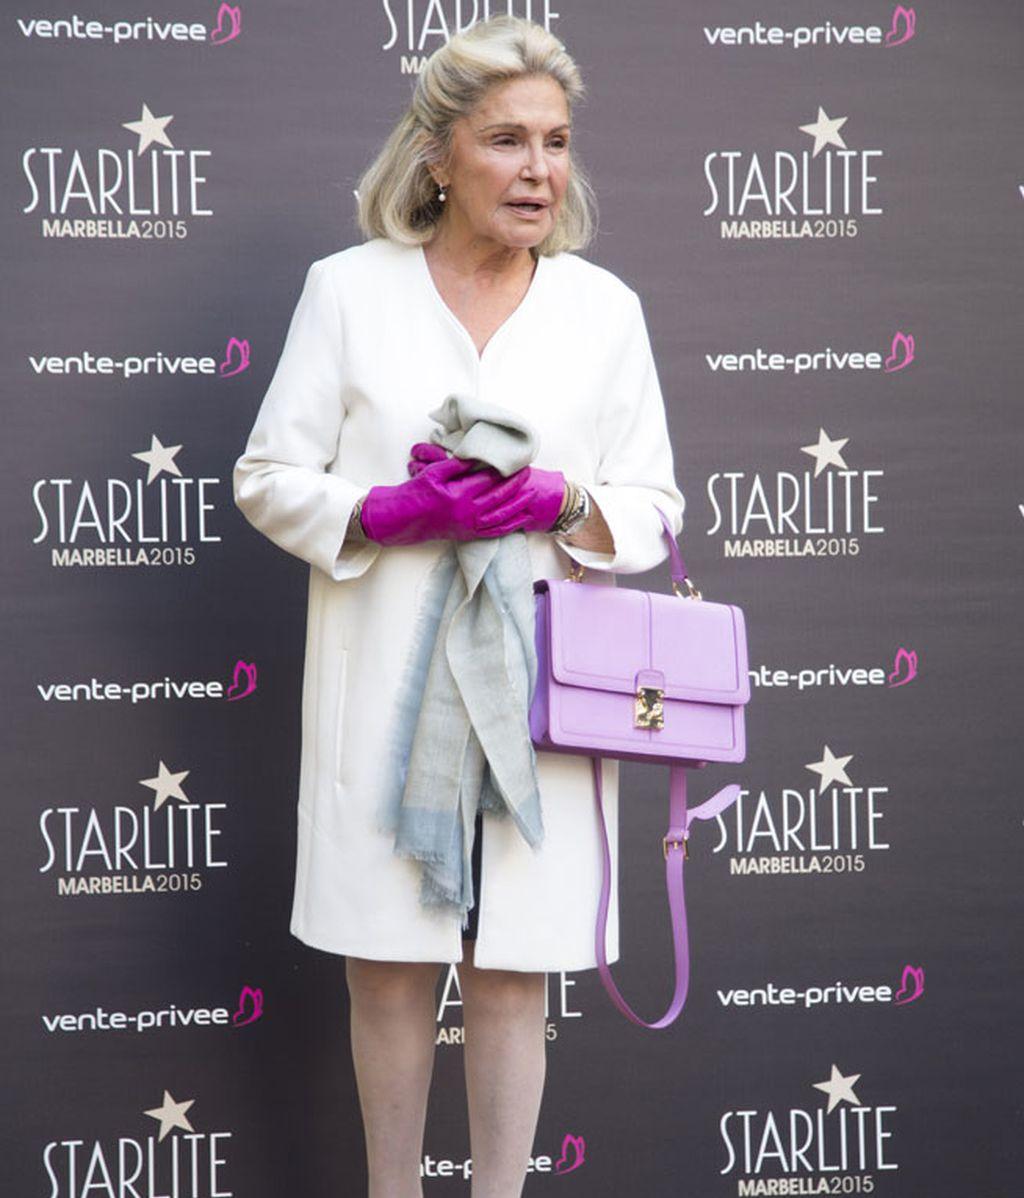 Beatrice D'Orleans posó con guantes rosa fucsia a juego con el logo del evento